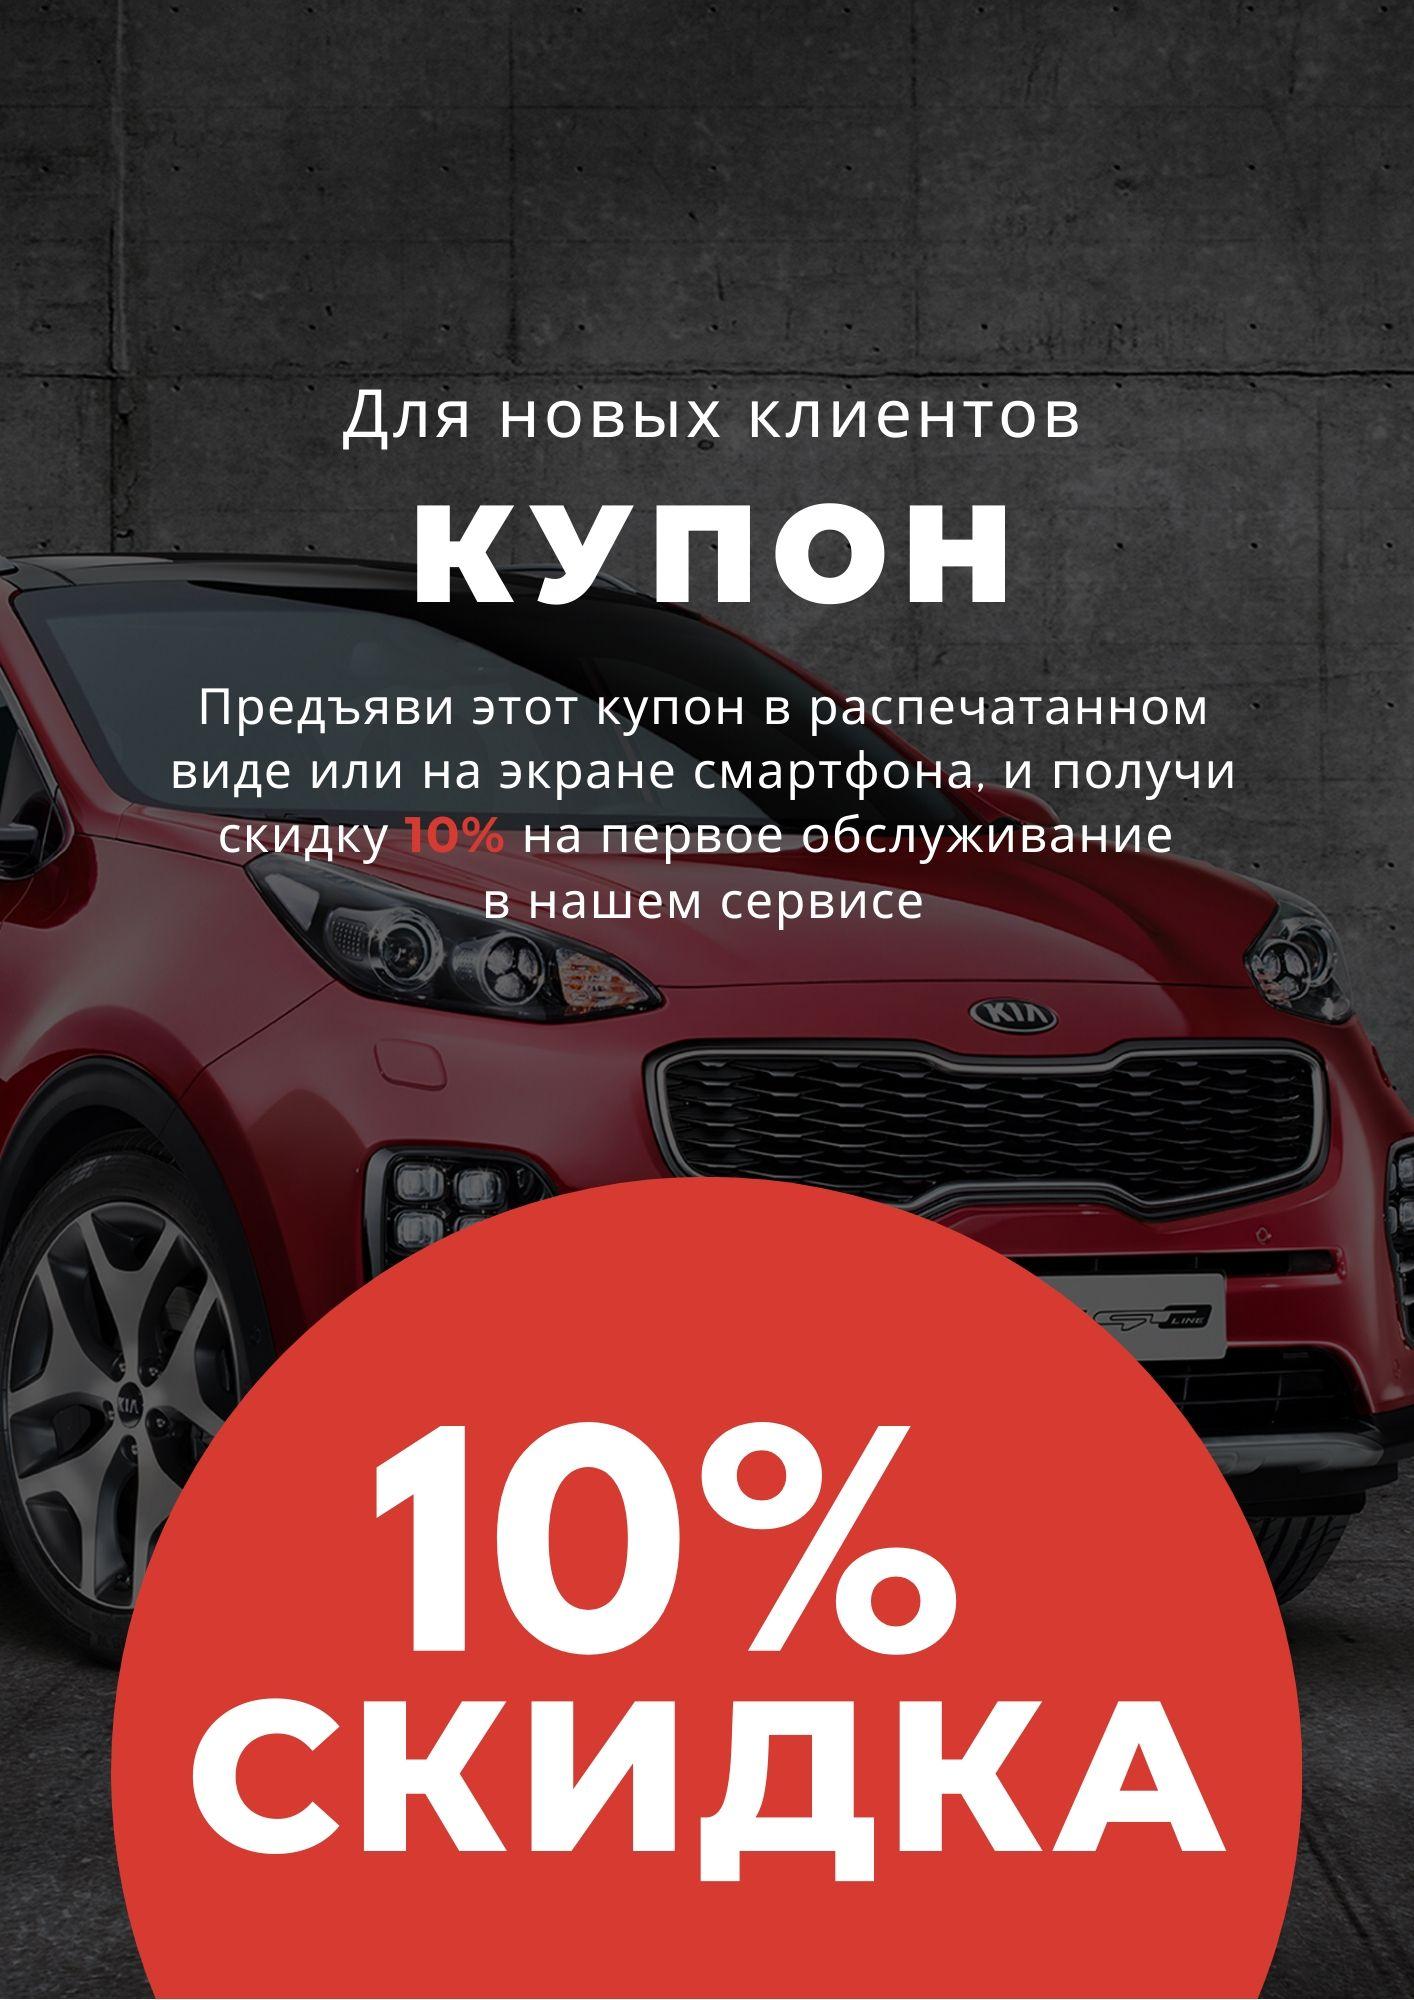 Скидка 10% СТО-18